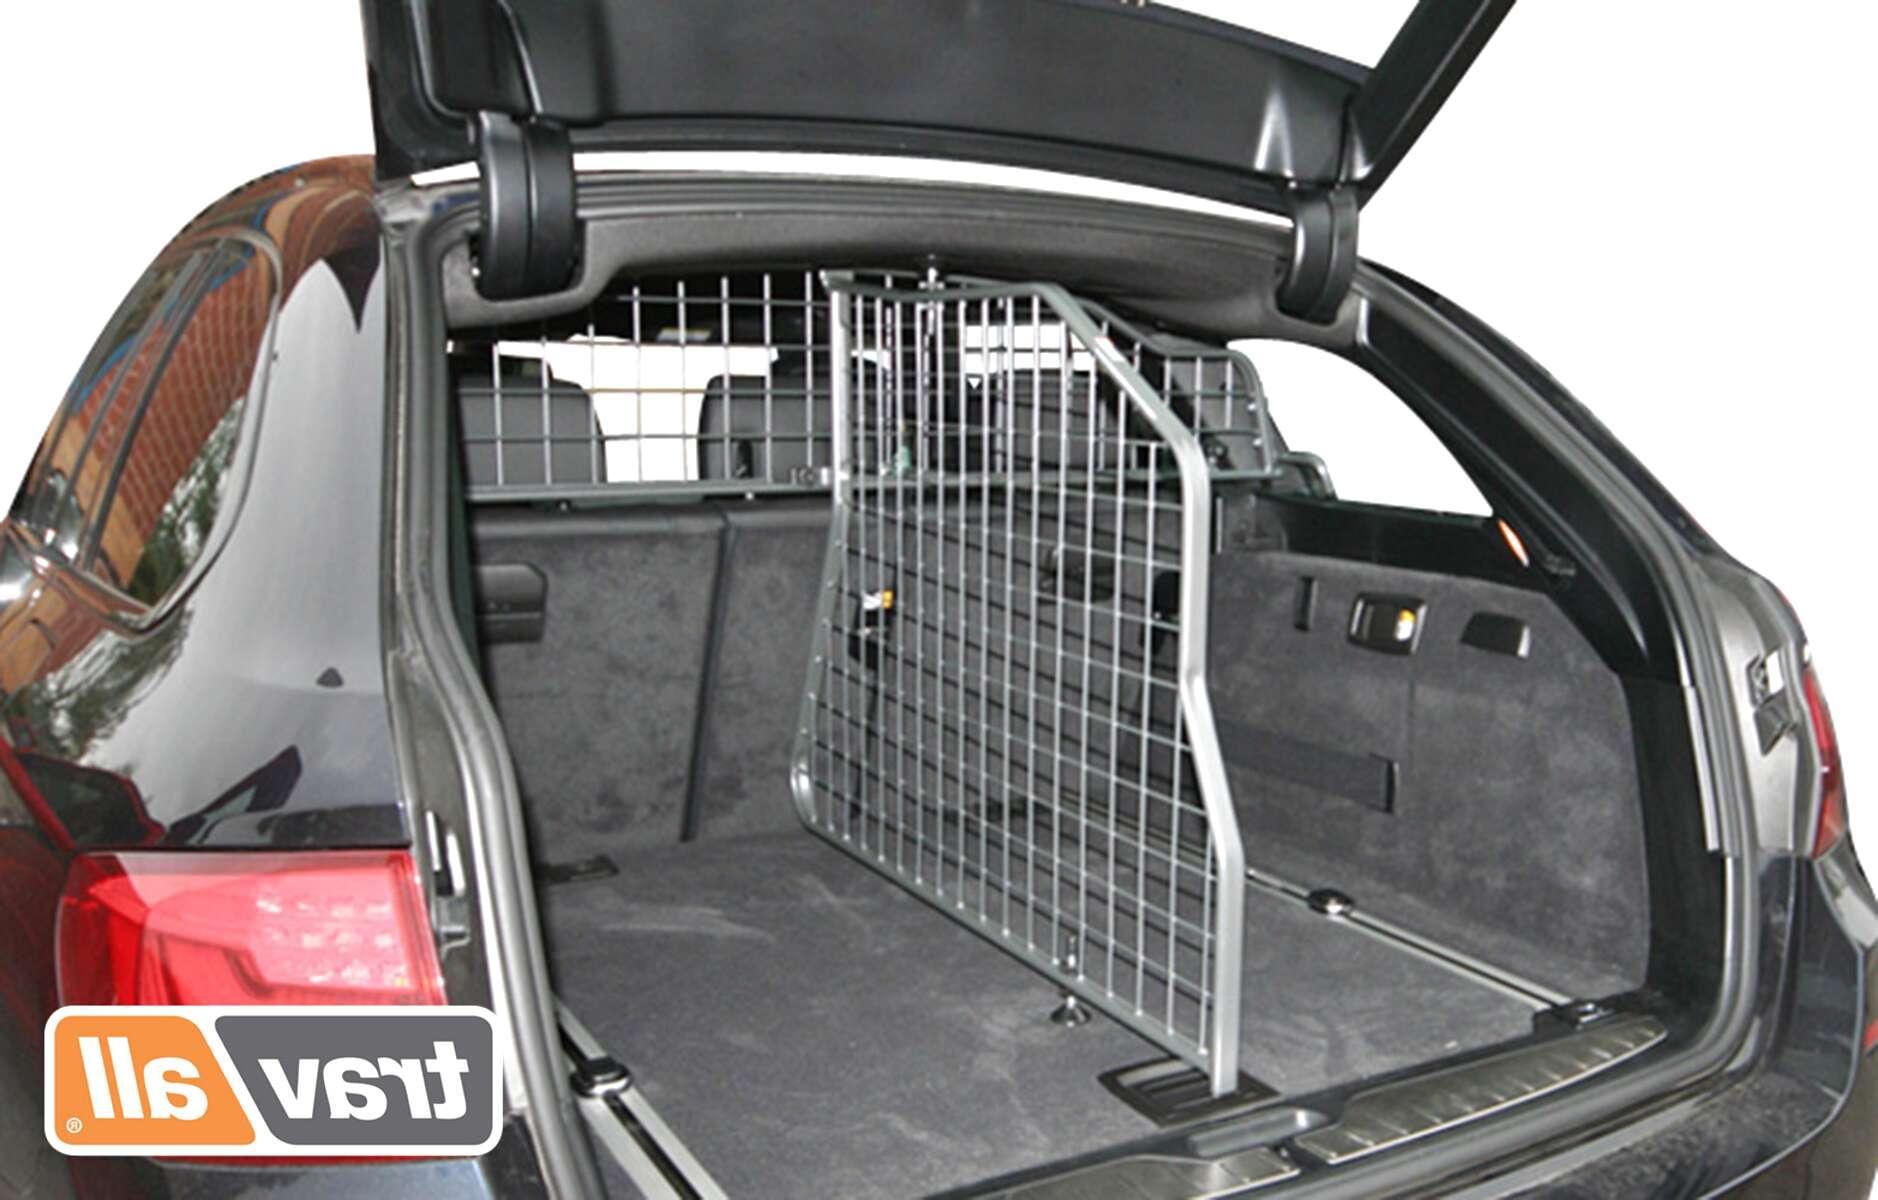 SUZUKI CELERIO Rear Headrest Wire Mesh Dog Guard Divider Barrier